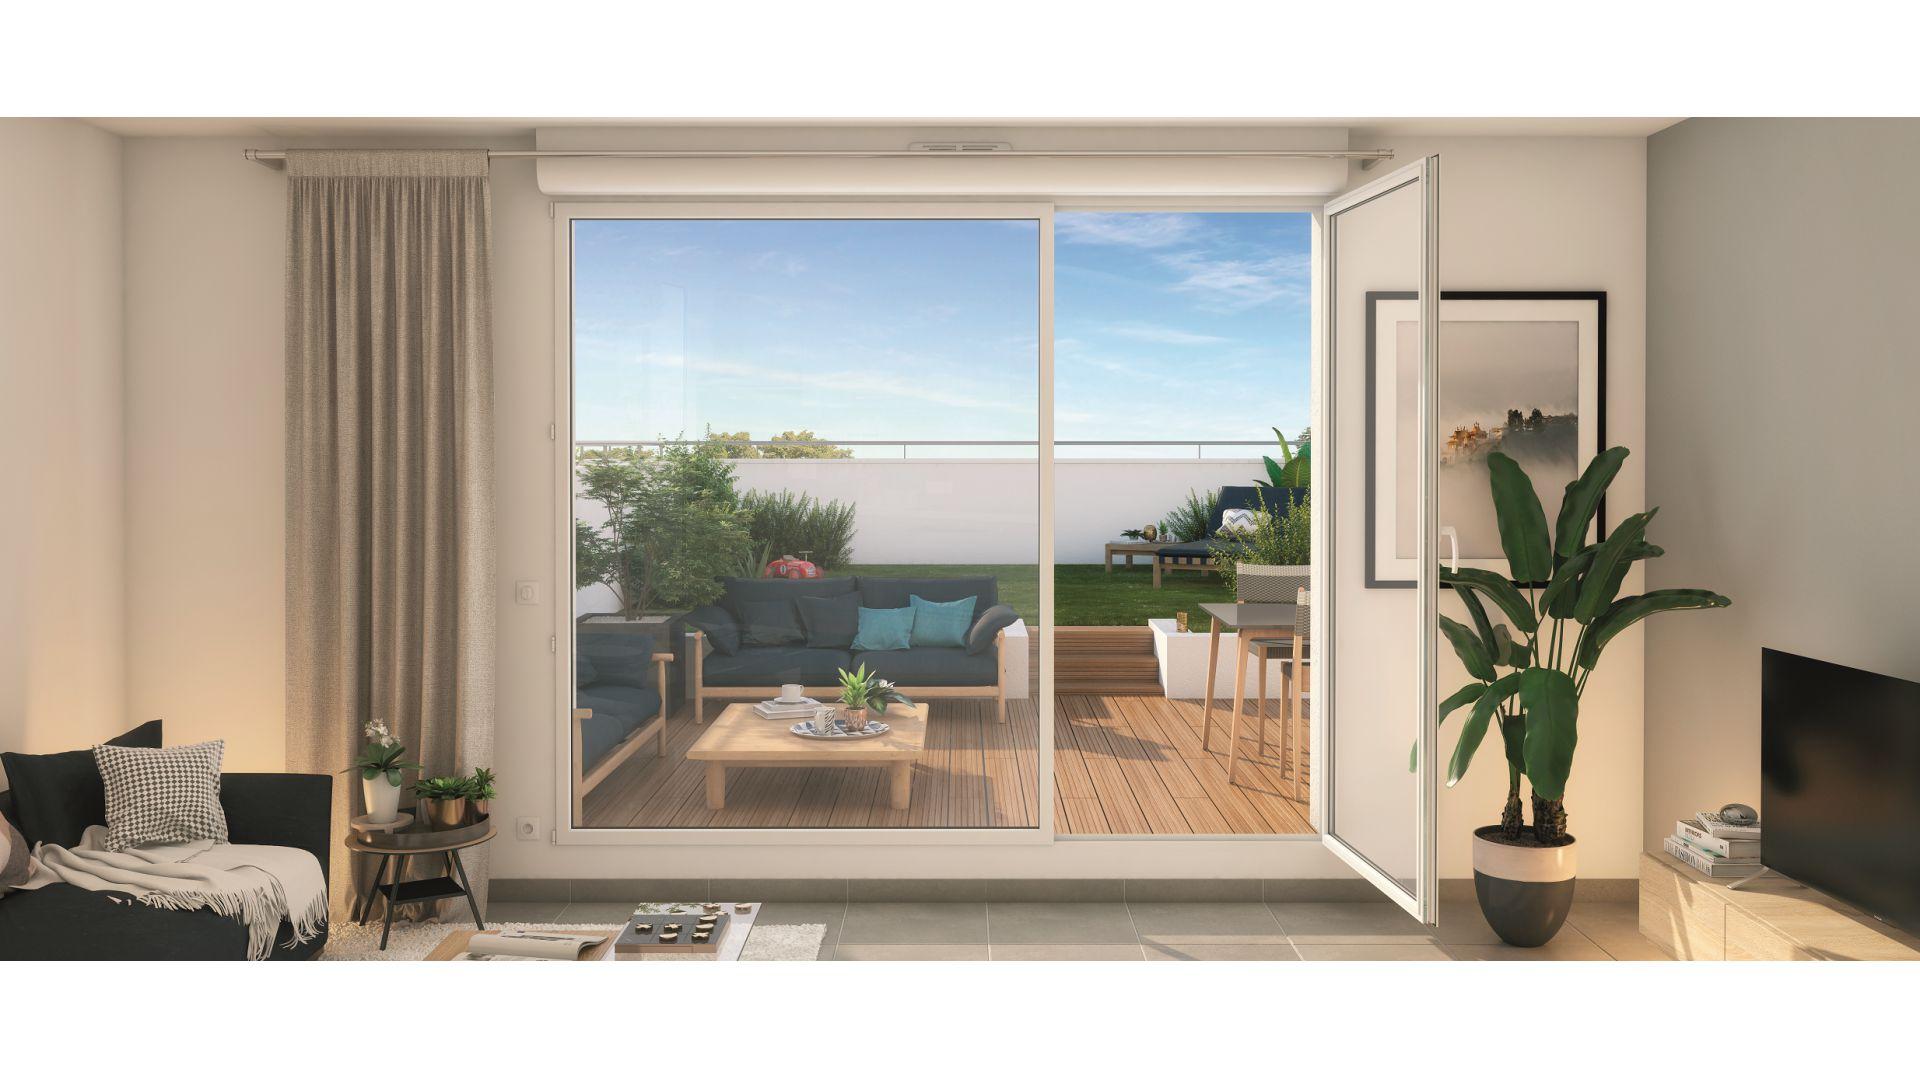 Greencity Immobilier - Résidence Cours Briand - 93190 Livry-Gargan - appartements neufs du T1 au T4Duplex - vue terrasse